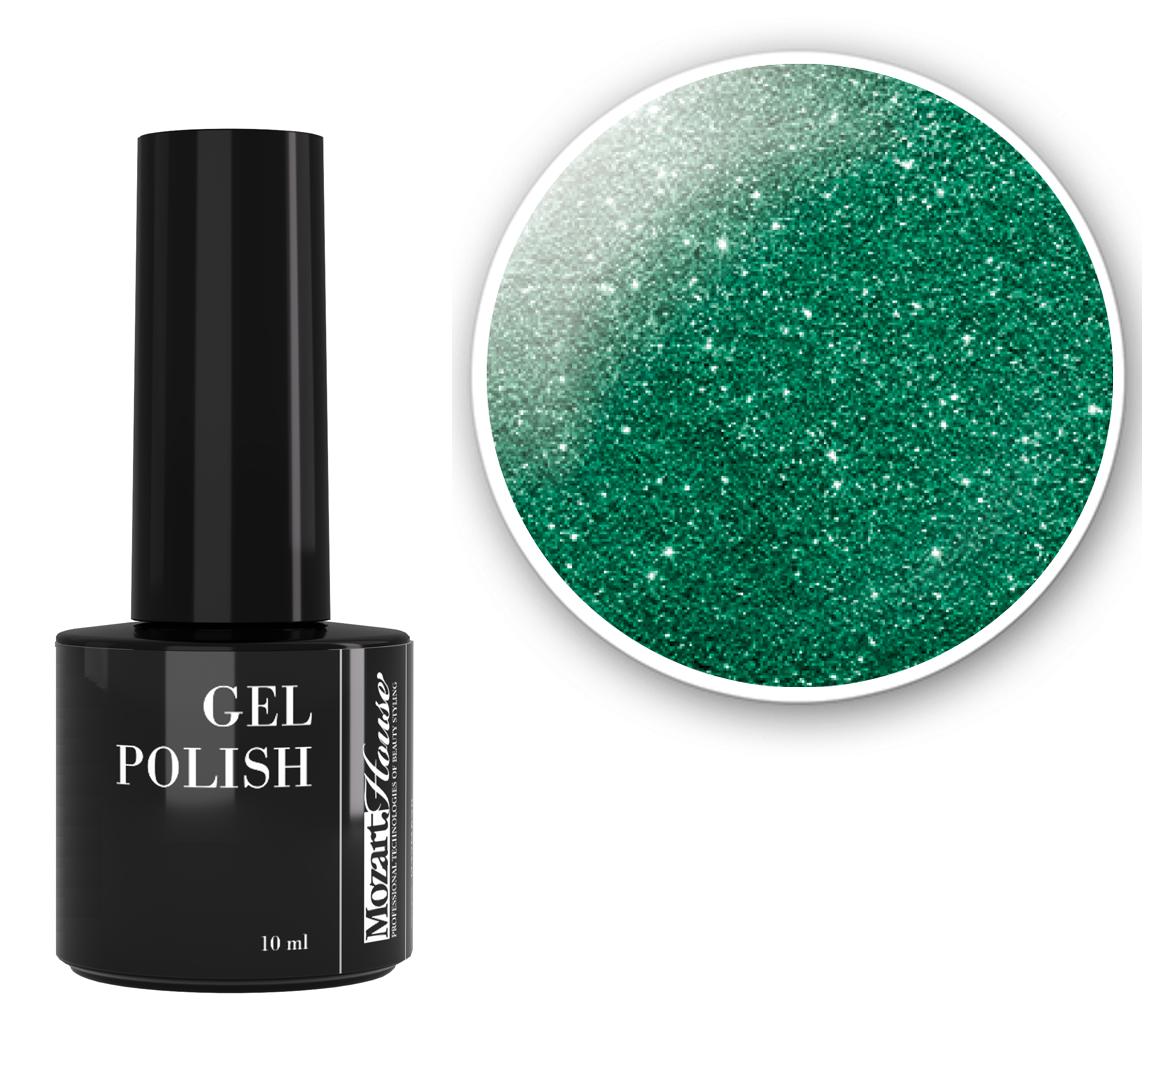 Купить со скидкой MOZART HOUSE 01762 гель-лак для ногтей / Emerald GEL POLISH 10 мл